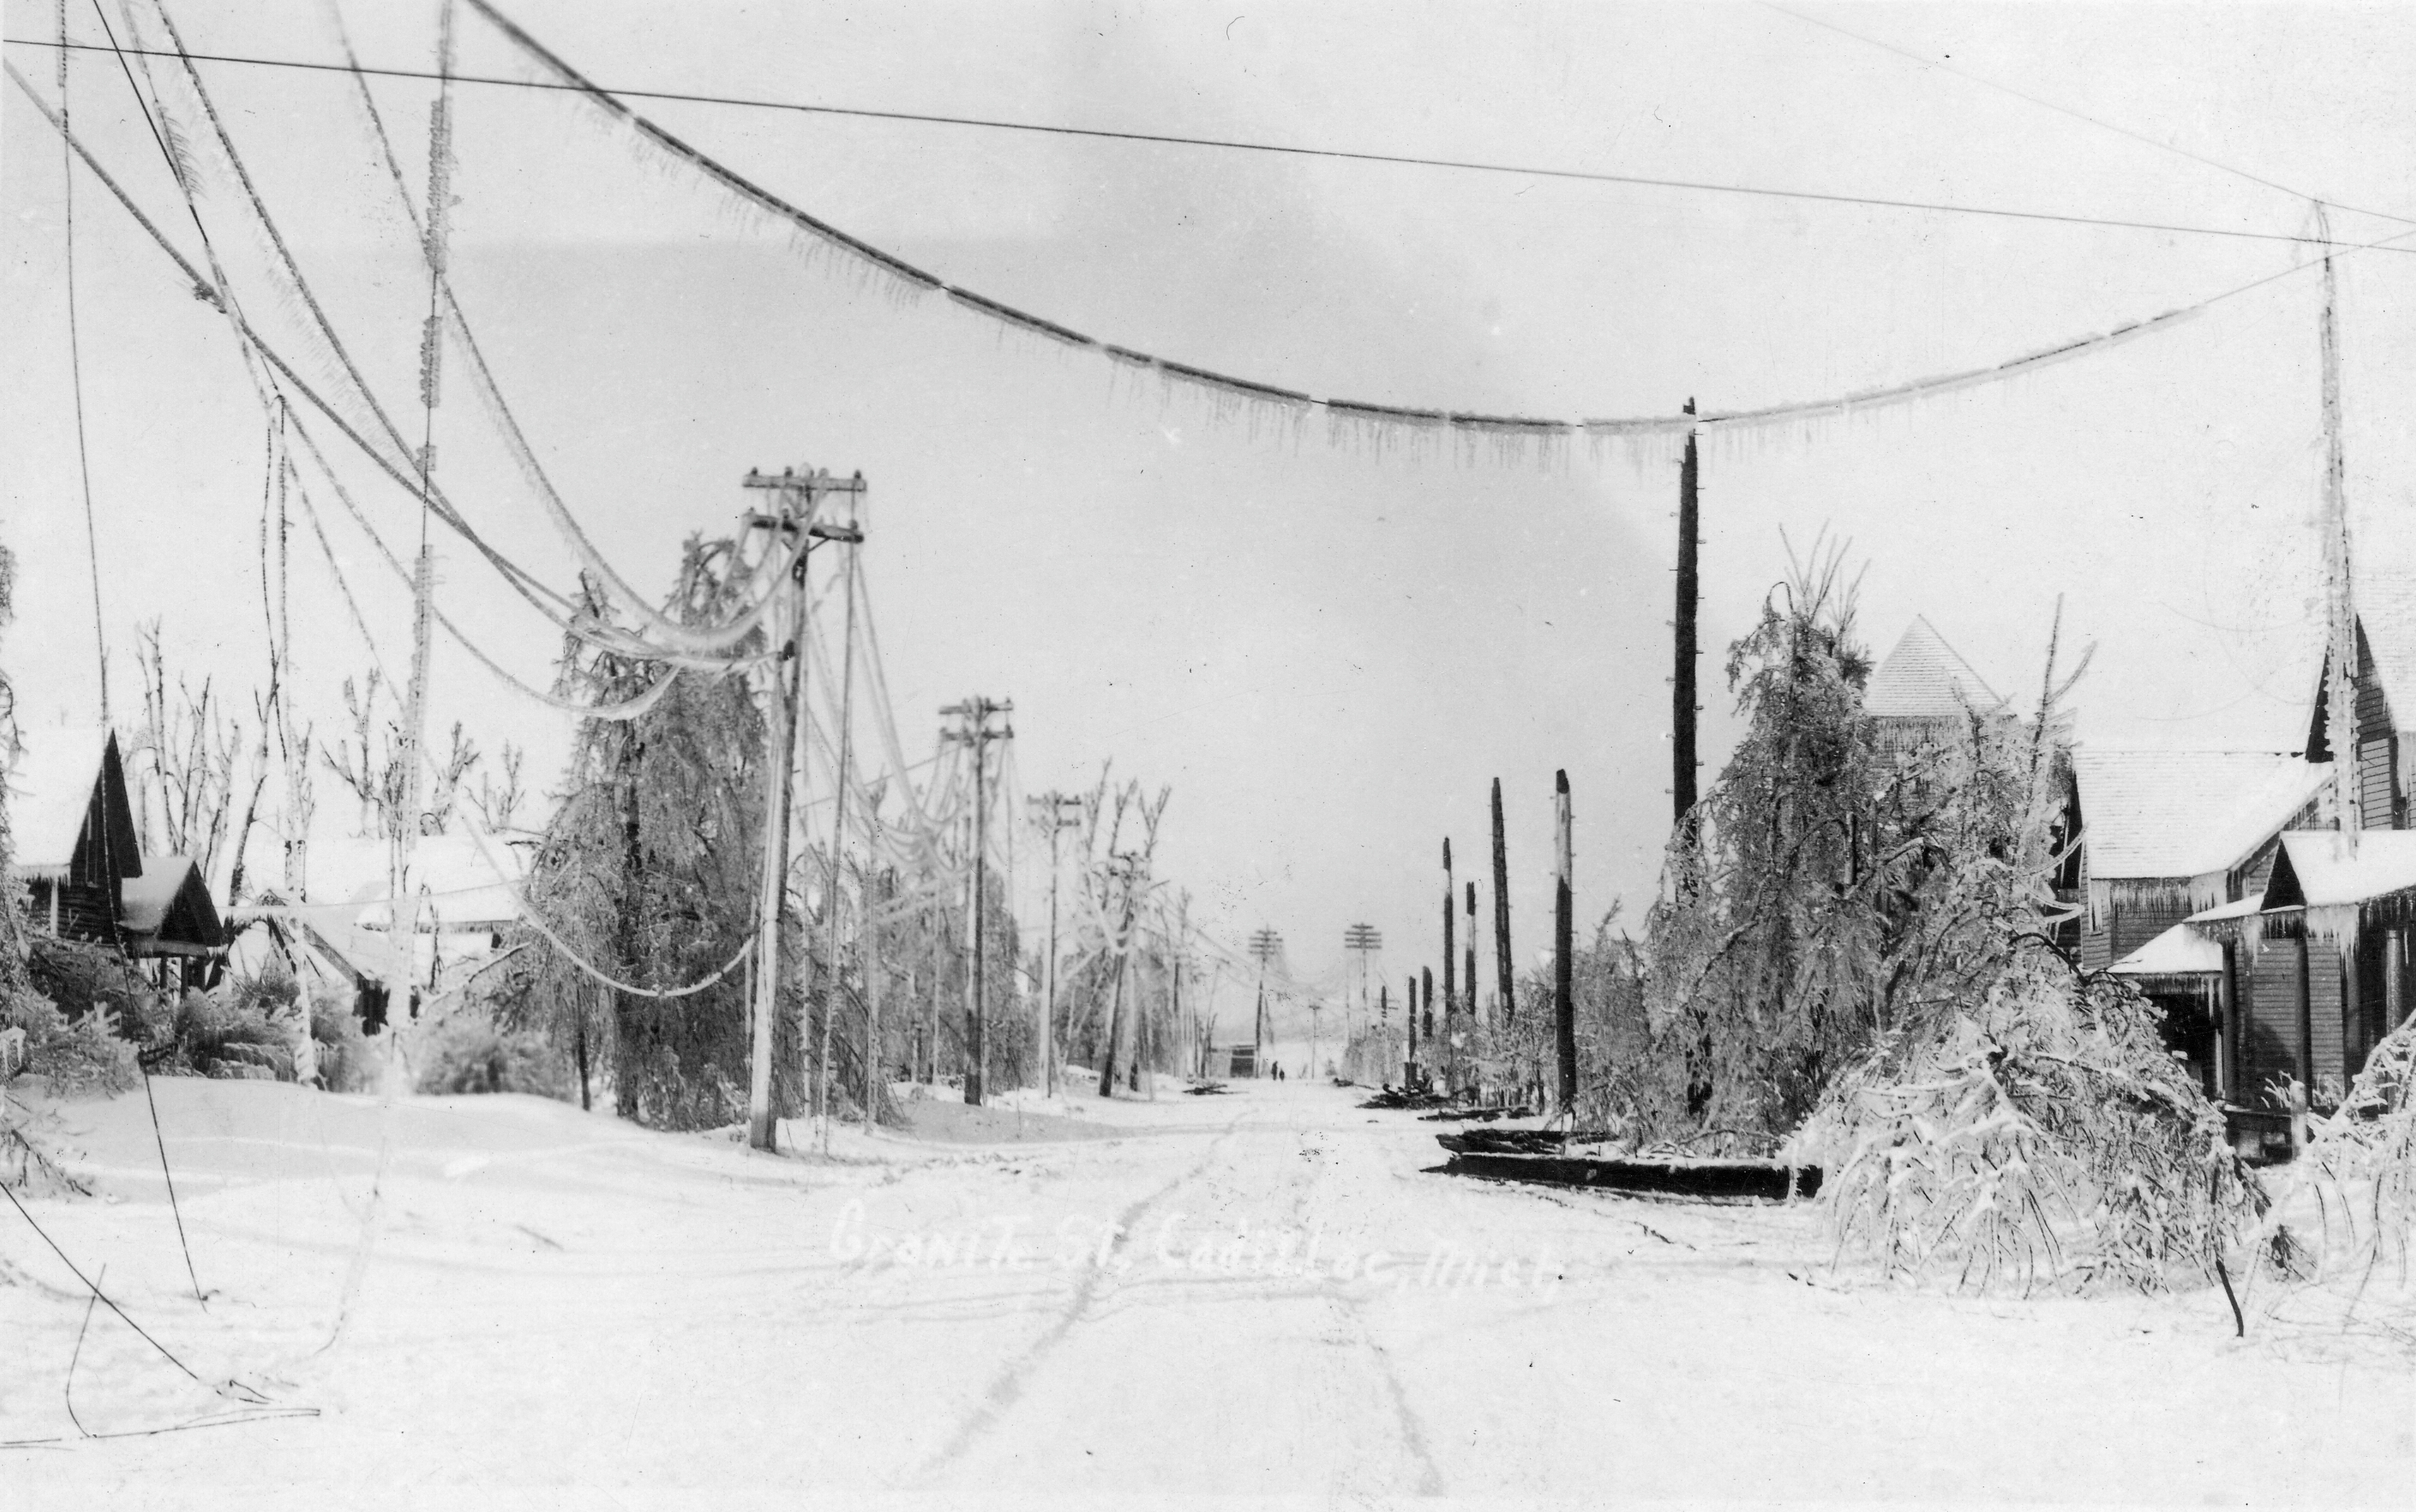 1922 Ice Storm - Granite Street